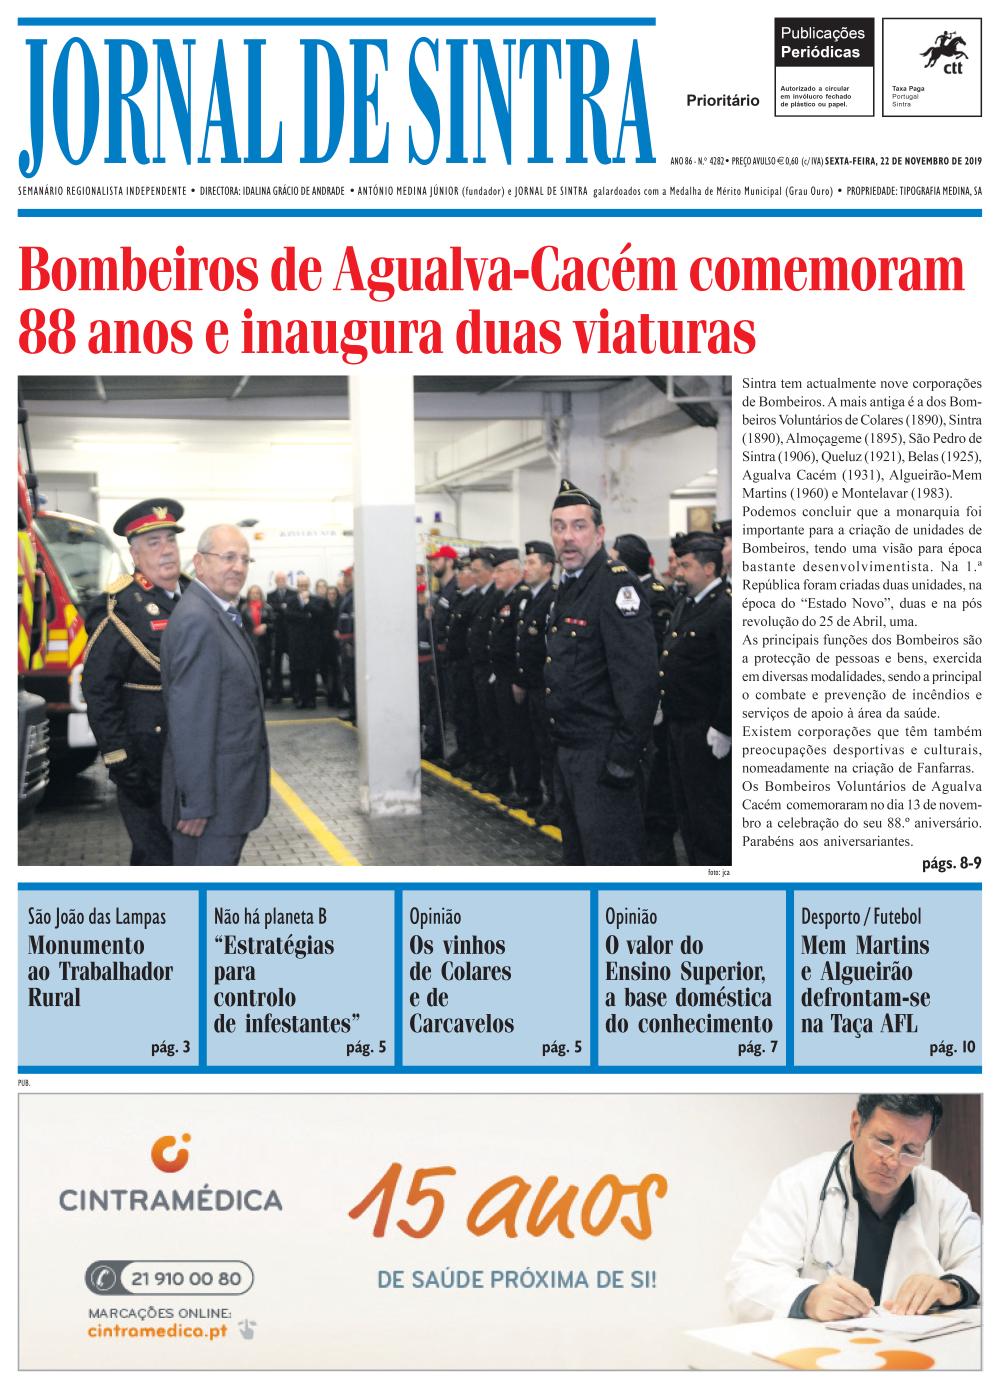 Capa da edição de 22/11/2019